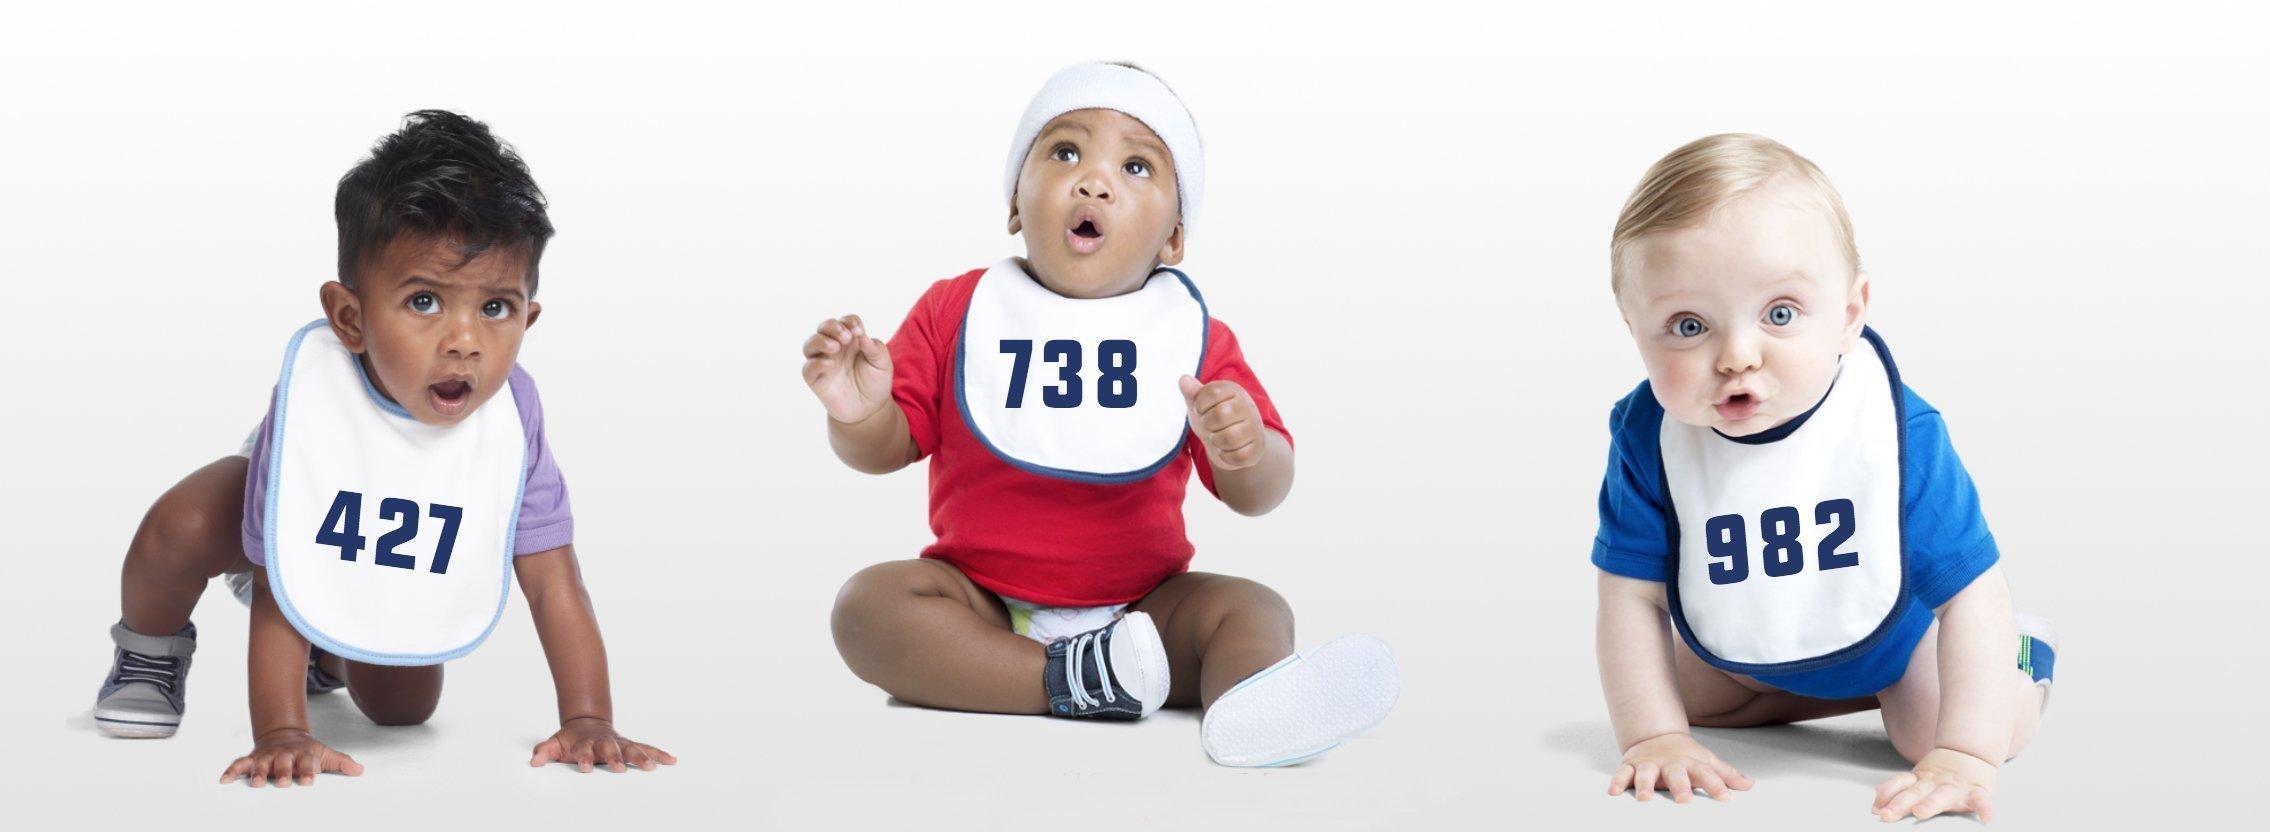 Dünyanın İlk Bebek Maratonuna Hazır Mısınız?